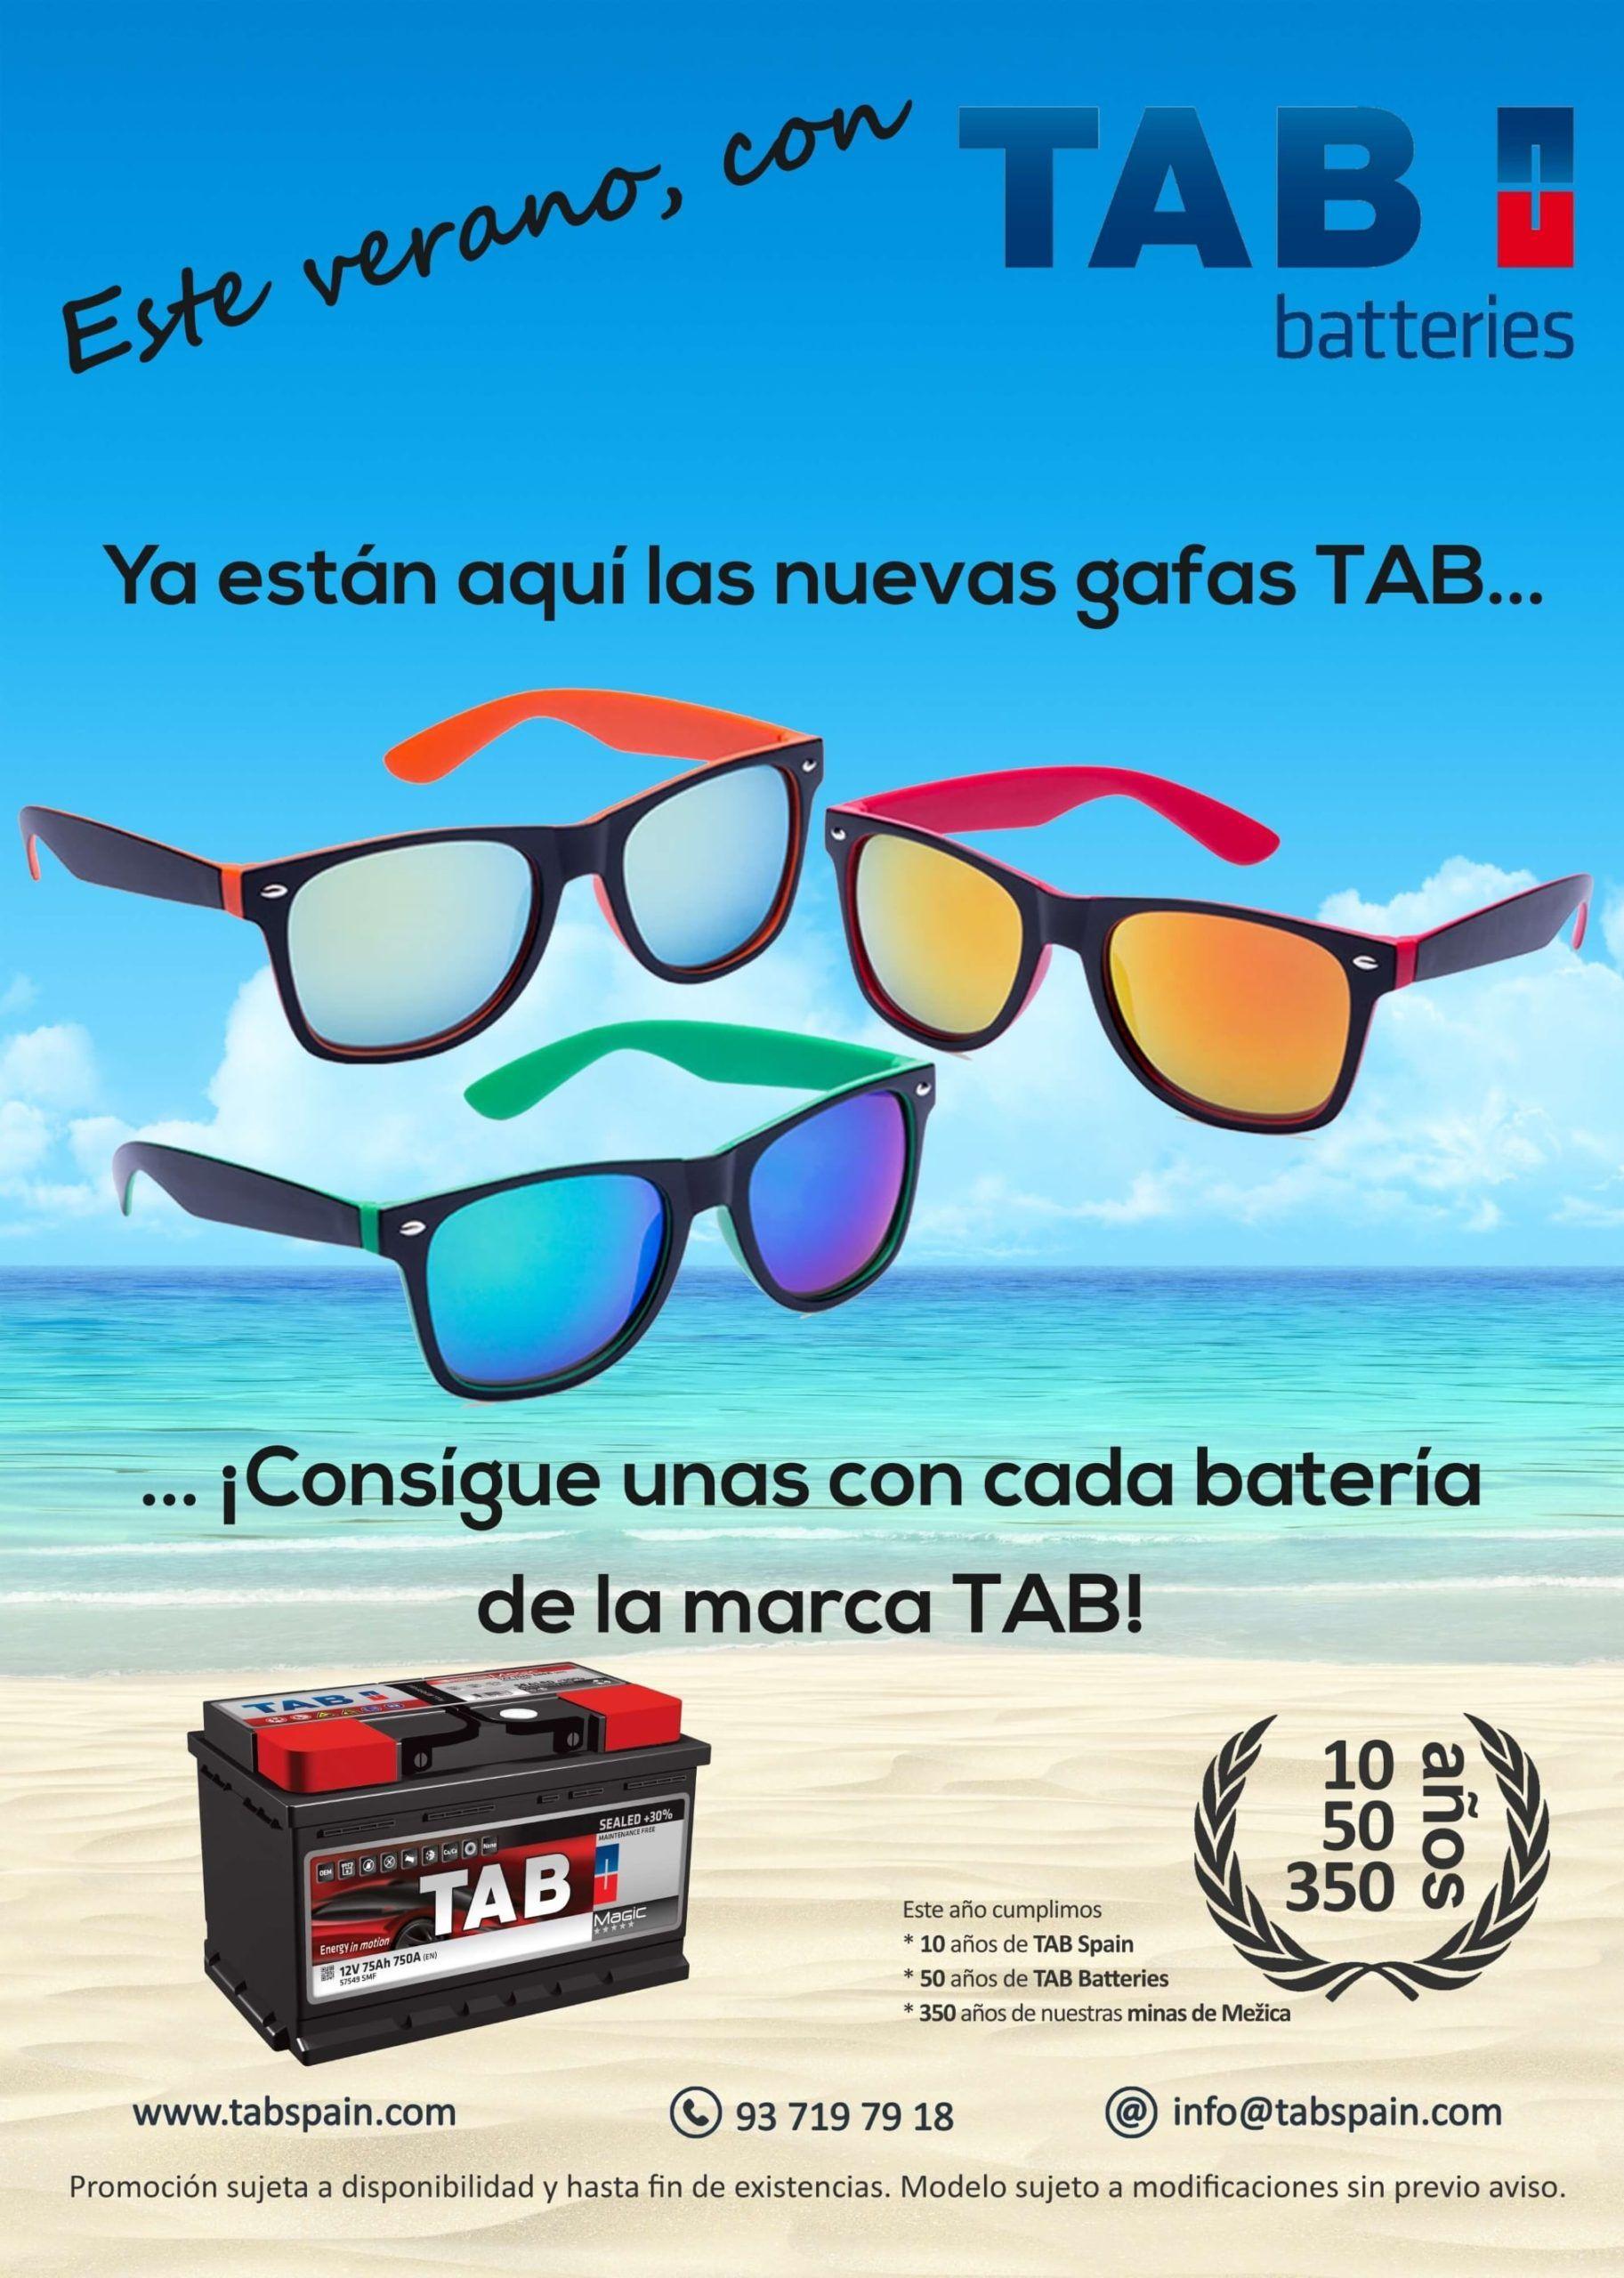 Campaña de verano 2016 TAB